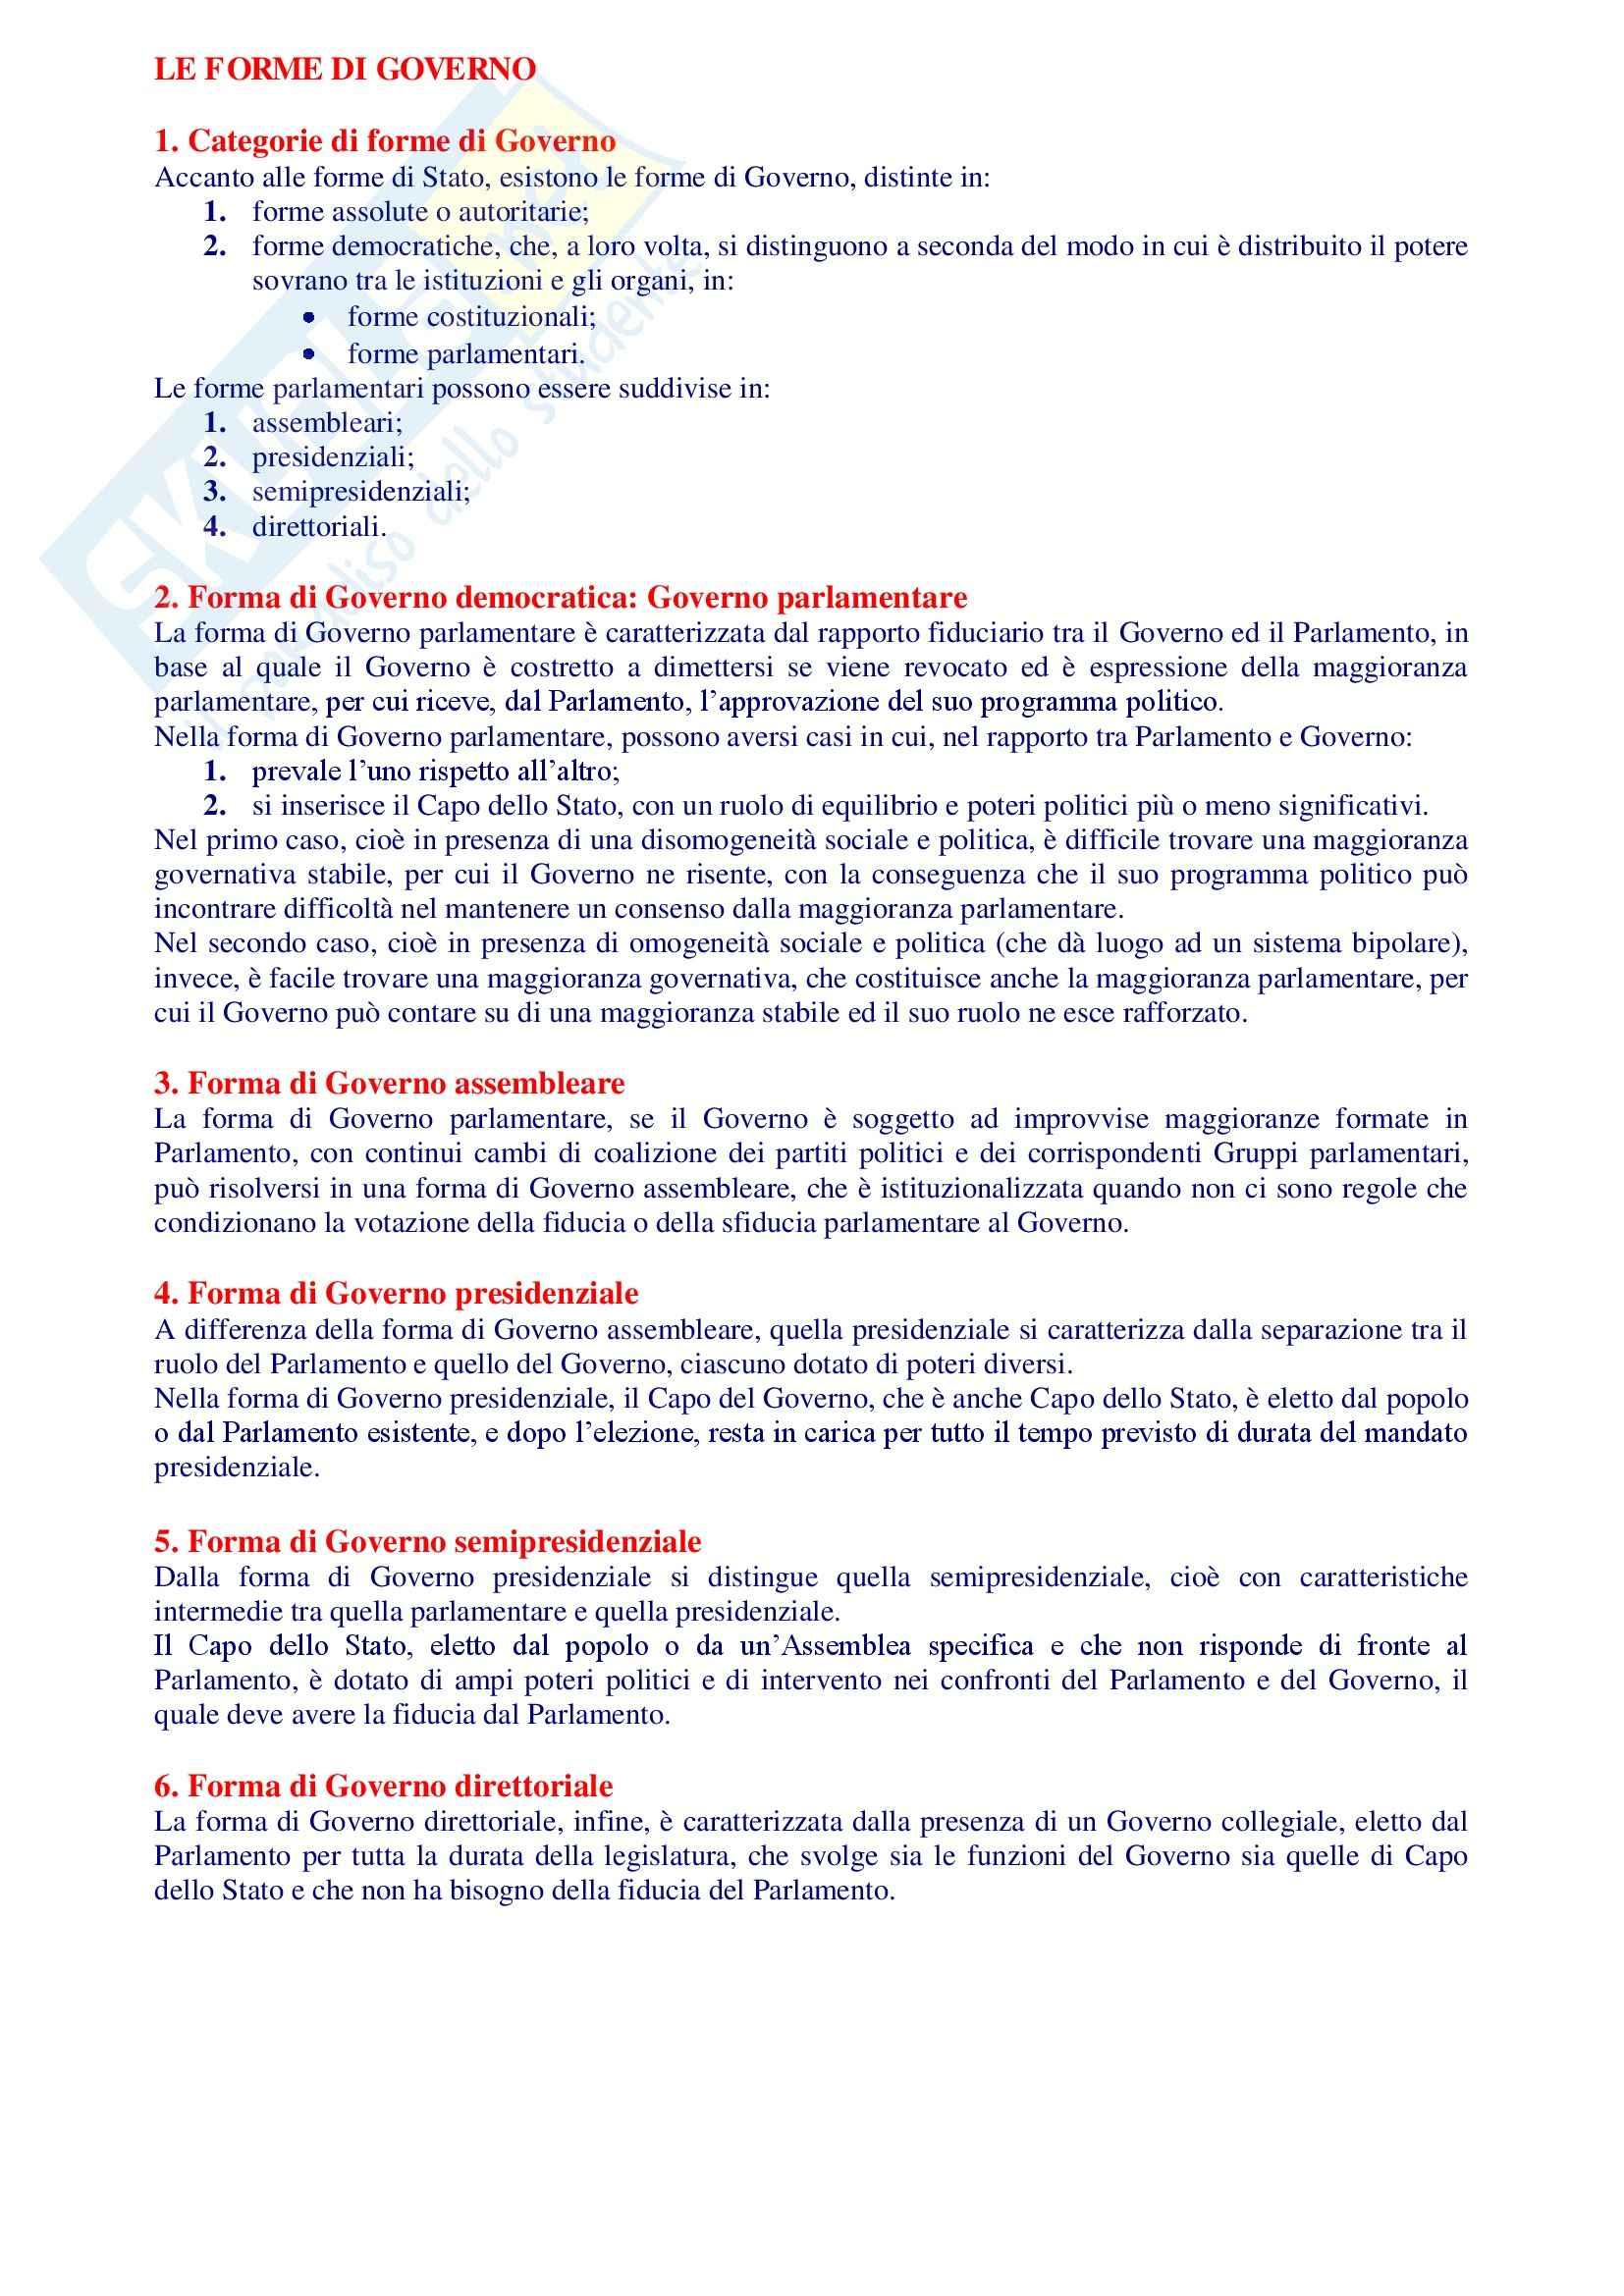 Riassunto esame Istituzioni di Diritto Pubblico, libro adottato Manuale di Diritto Pubblico, Rossano Pag. 46